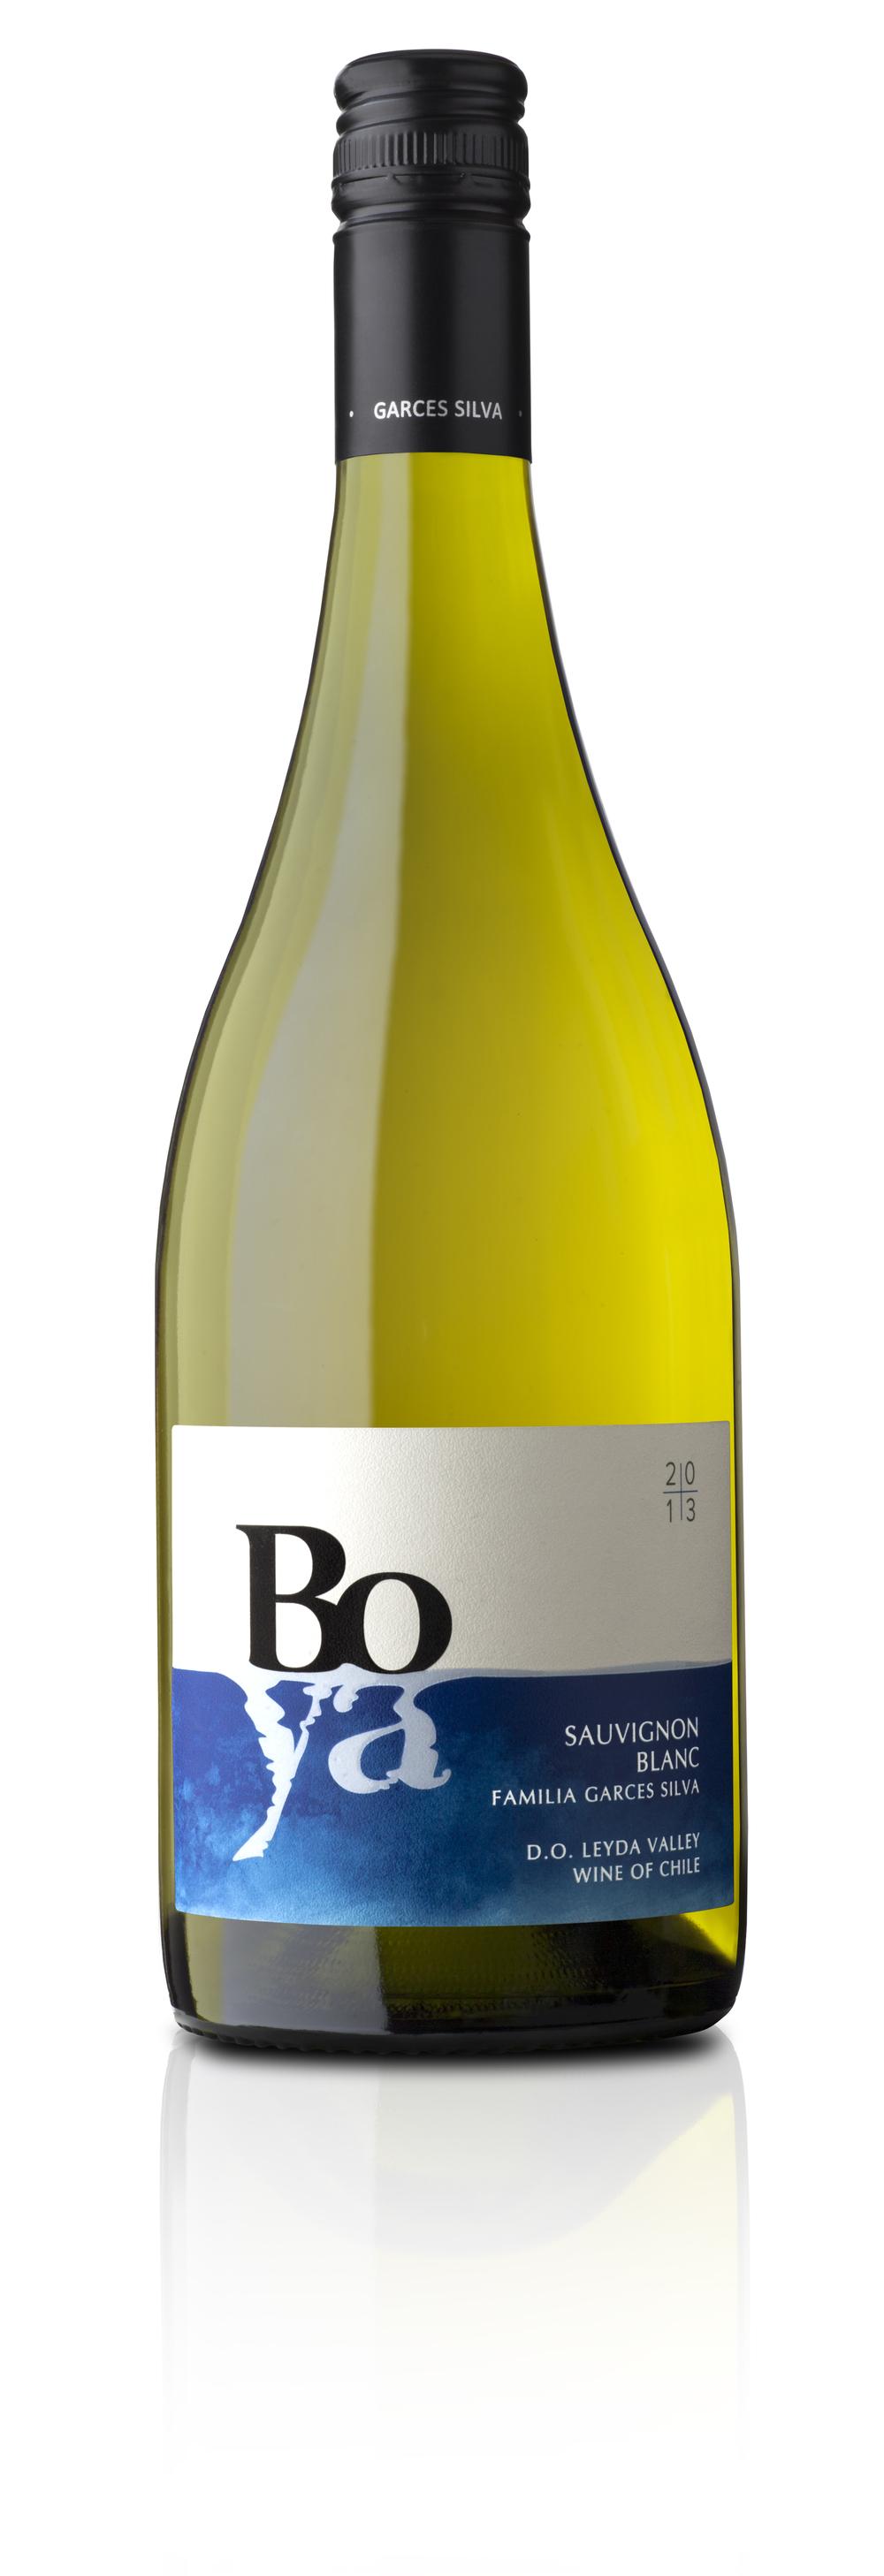 Boya_Bottled_SB13_300.jpg